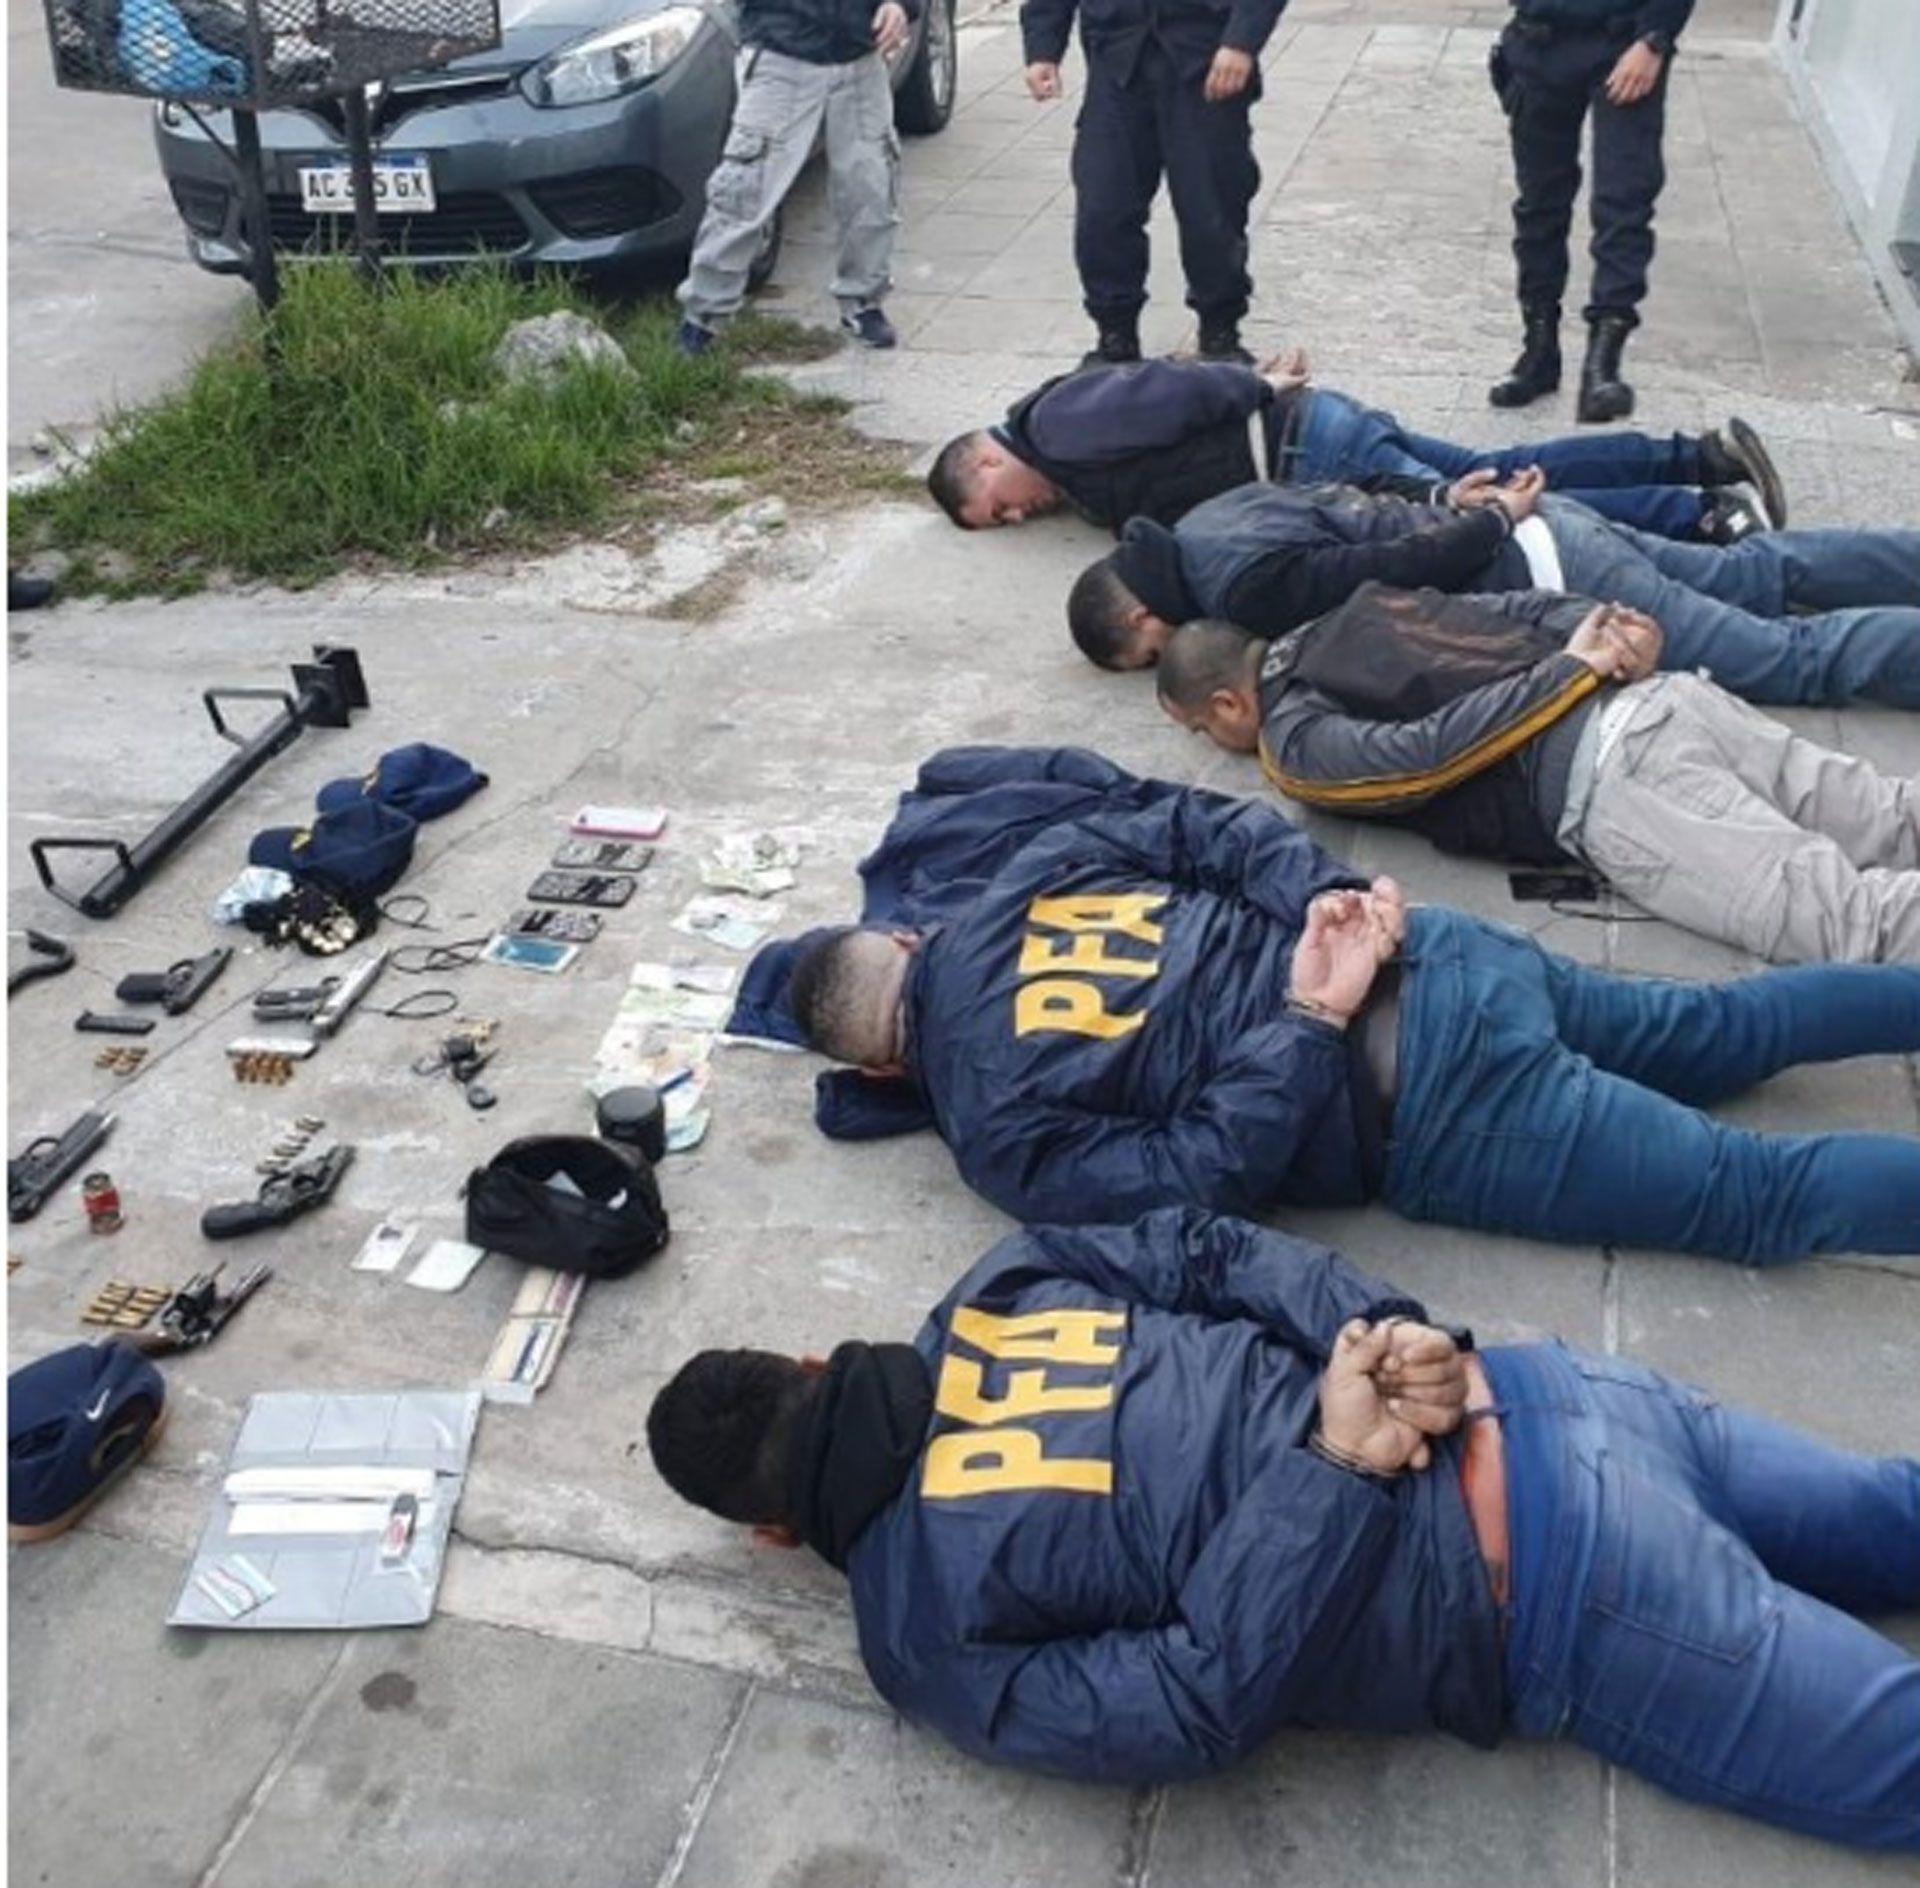 Los cinco detenidos simulaban ser policías federales que realizaban allanamientos para robar viviendas